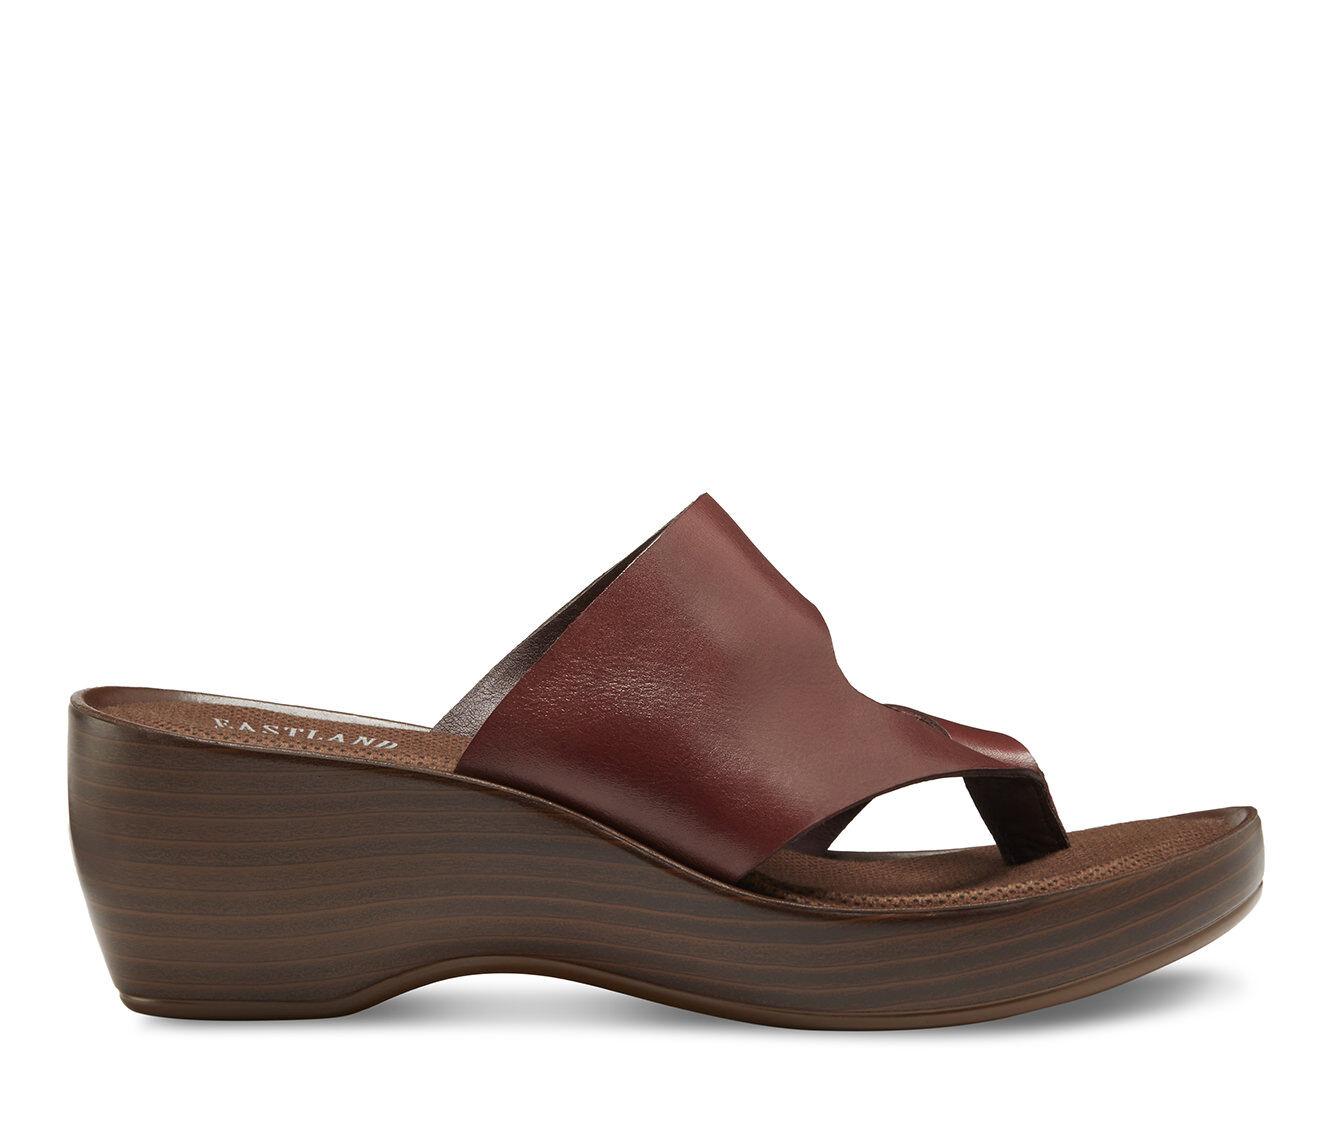 Women's Eastland Laurel Sandals Cinnamon